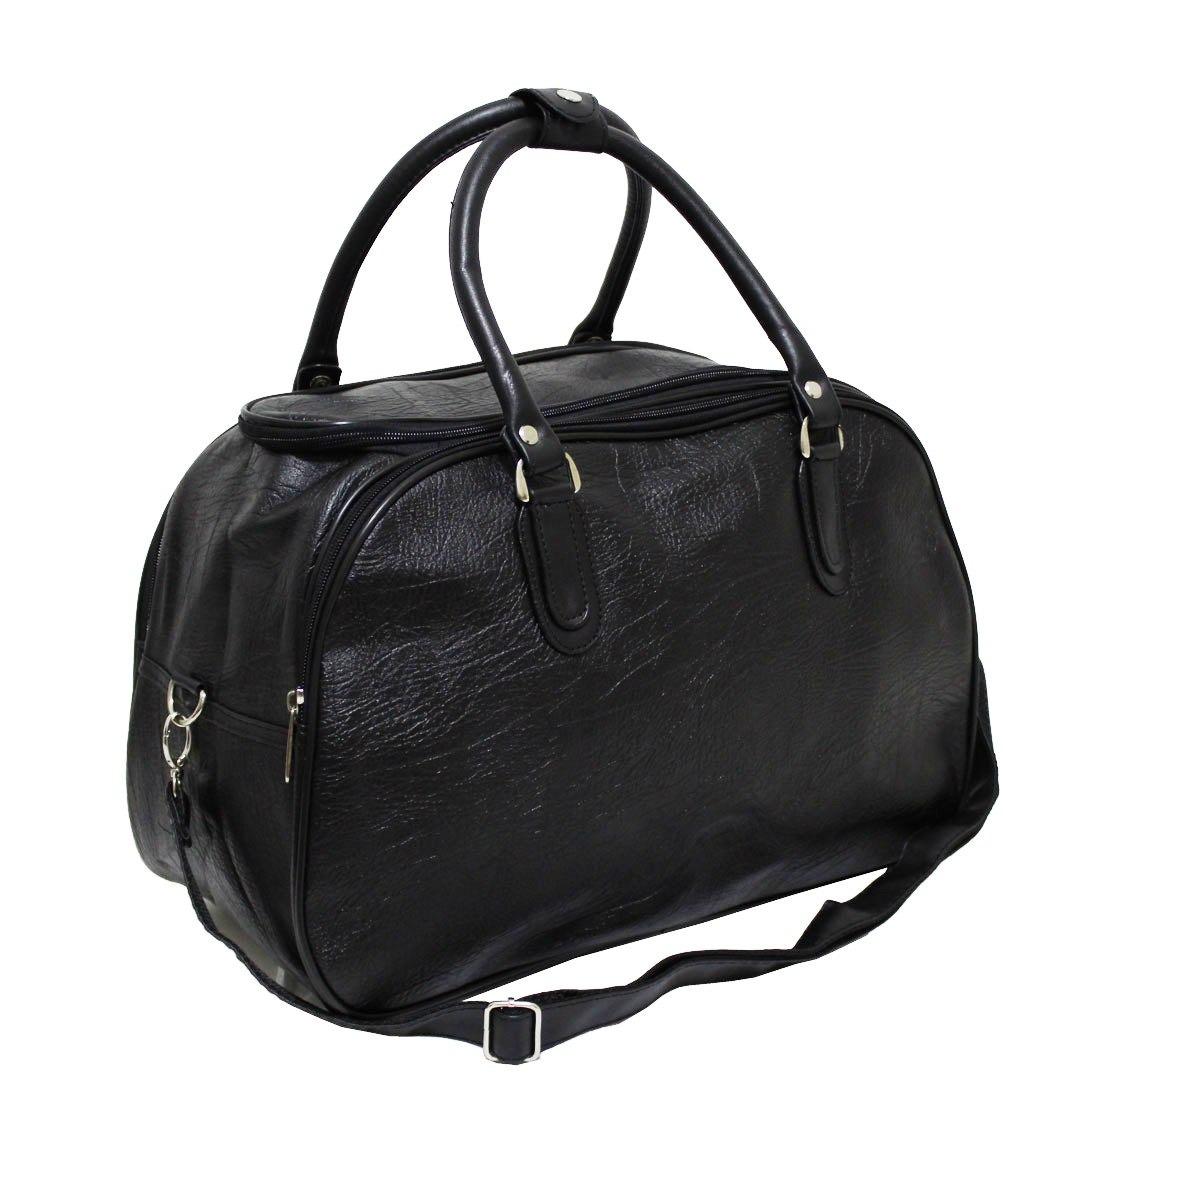 2c6c969d23 bolsa mala de mão viagem masculina couro c  alça tira colo. Carregando zoom.